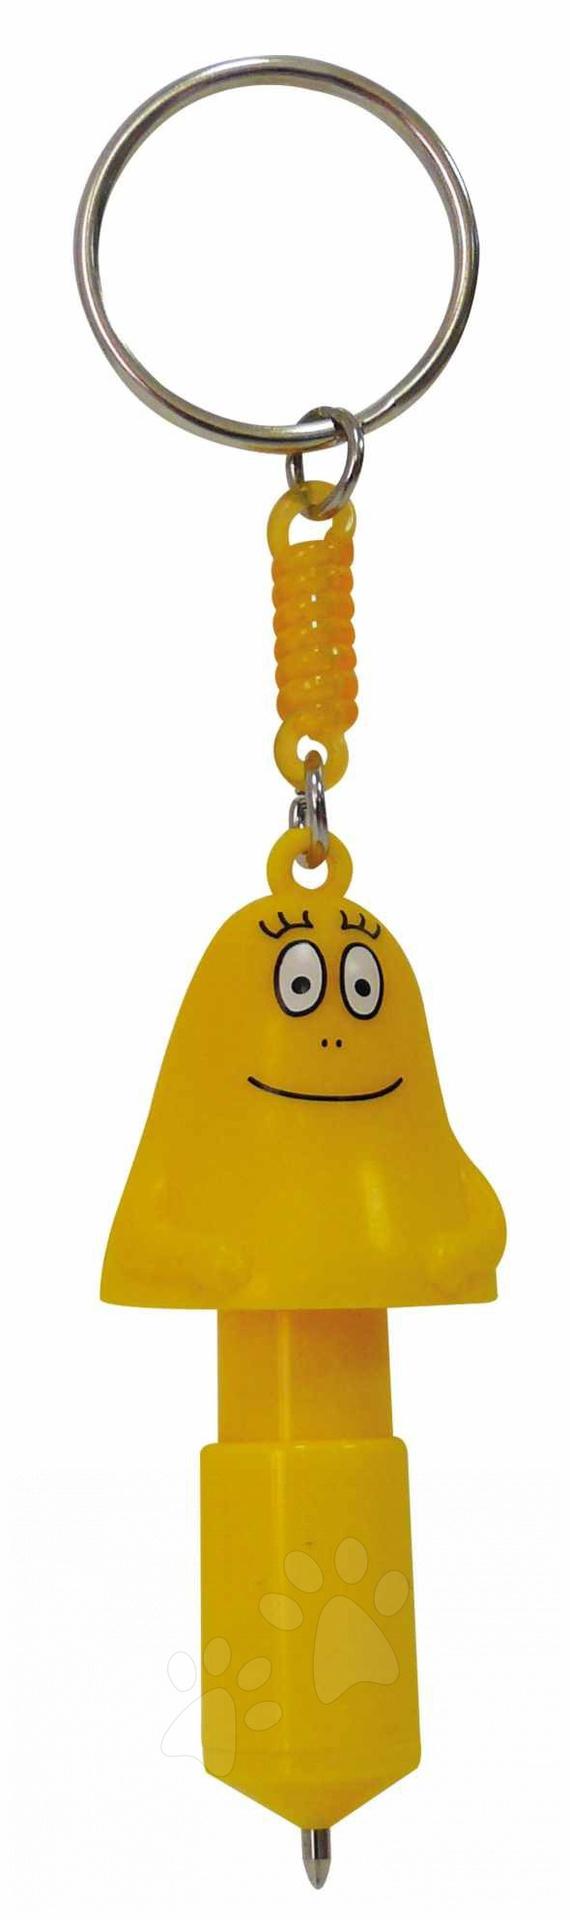 Ruční práce a tvoření - Pero a klíčenka Barbapapa Hasbro mini žluté